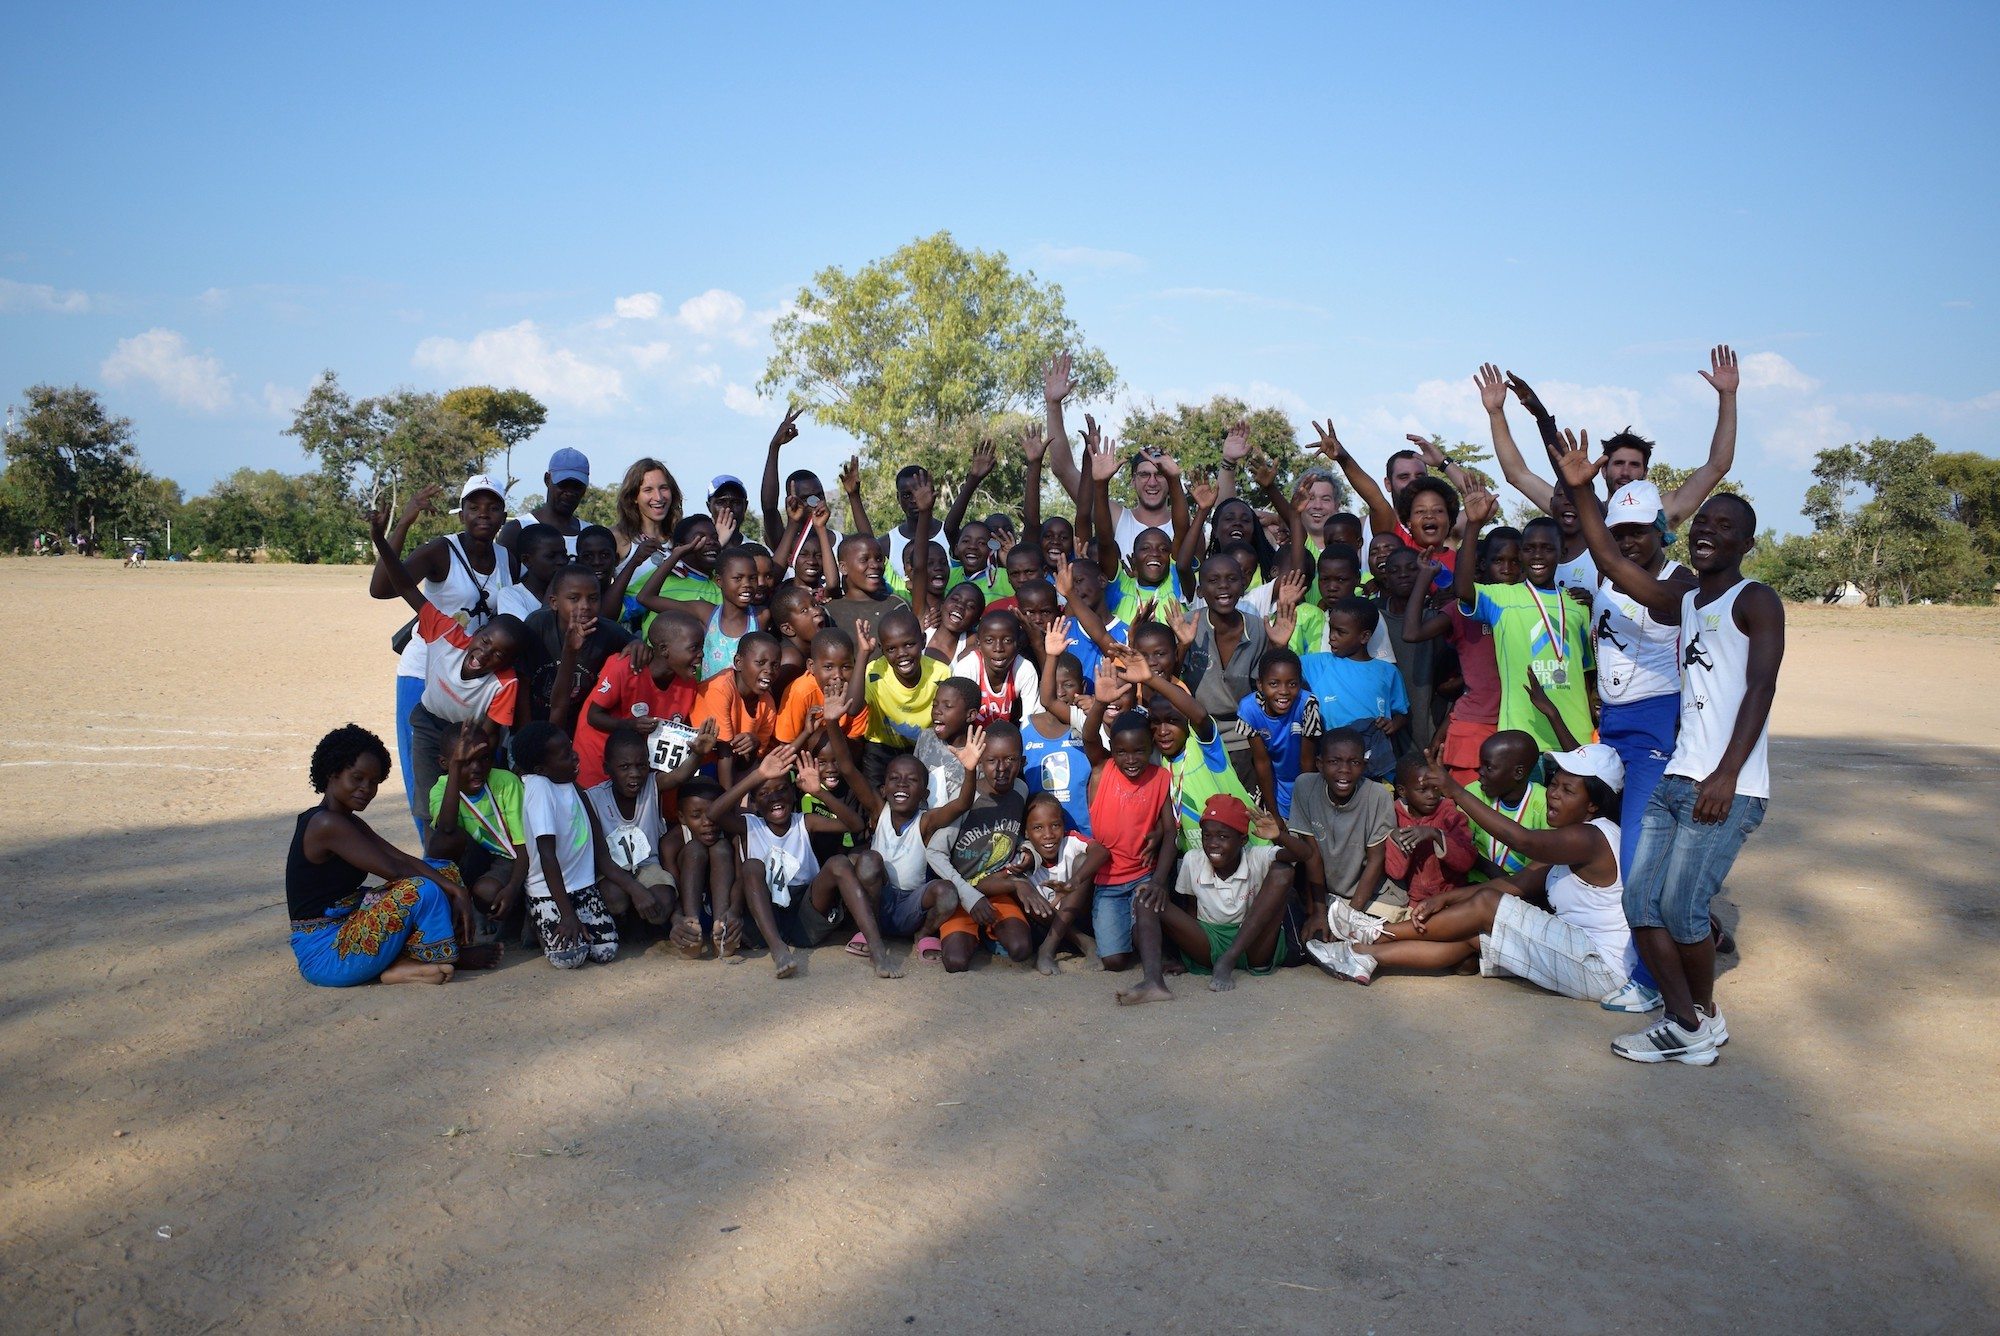 La Scarpadoro di Babbo Natale dona 1000 euro a Africa Athletics!